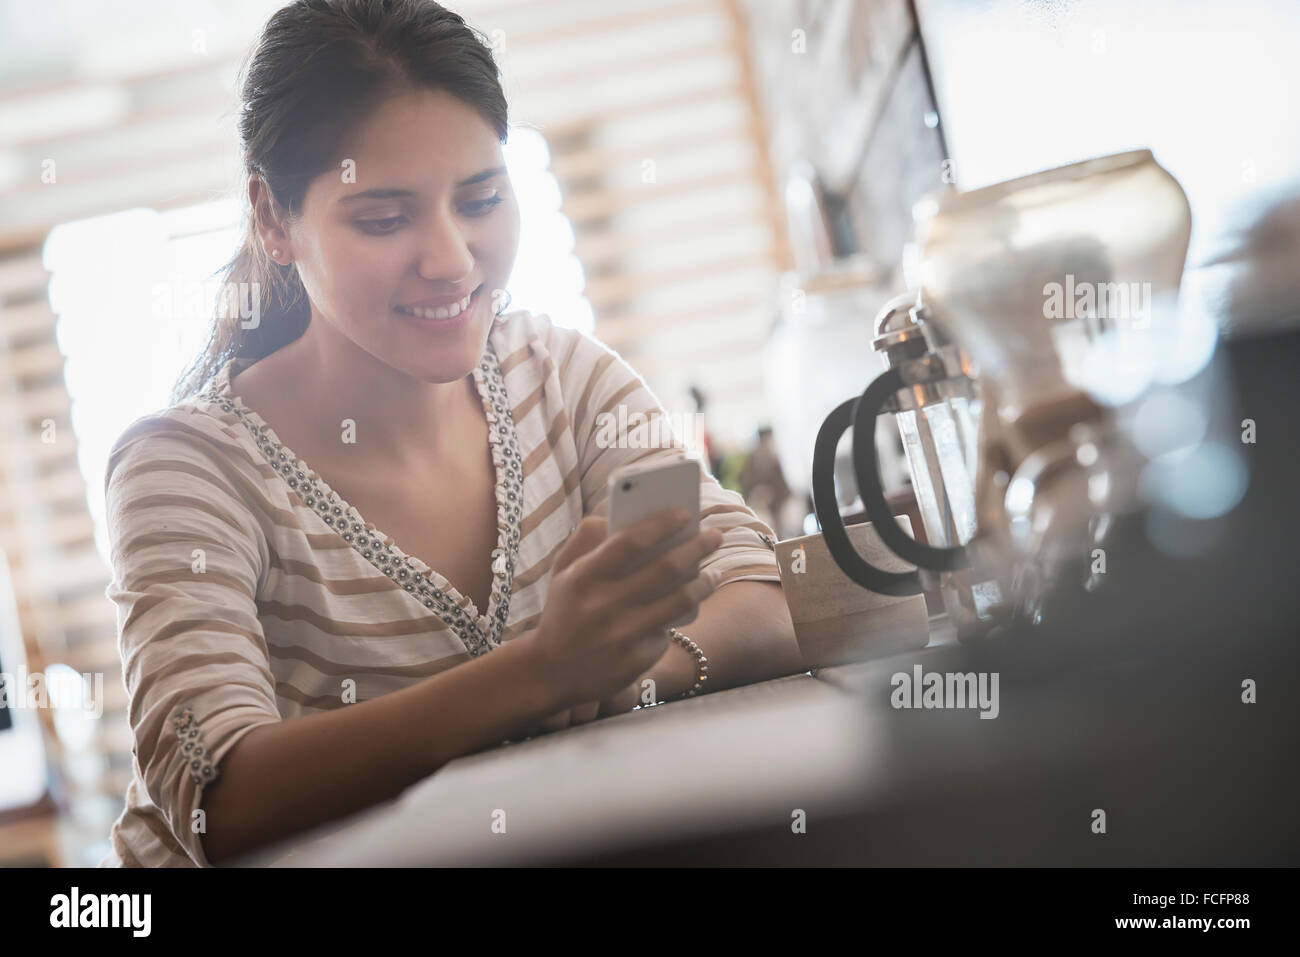 Loft vivir. Una mujer mirando su teléfono inteligente. Imagen De Stock